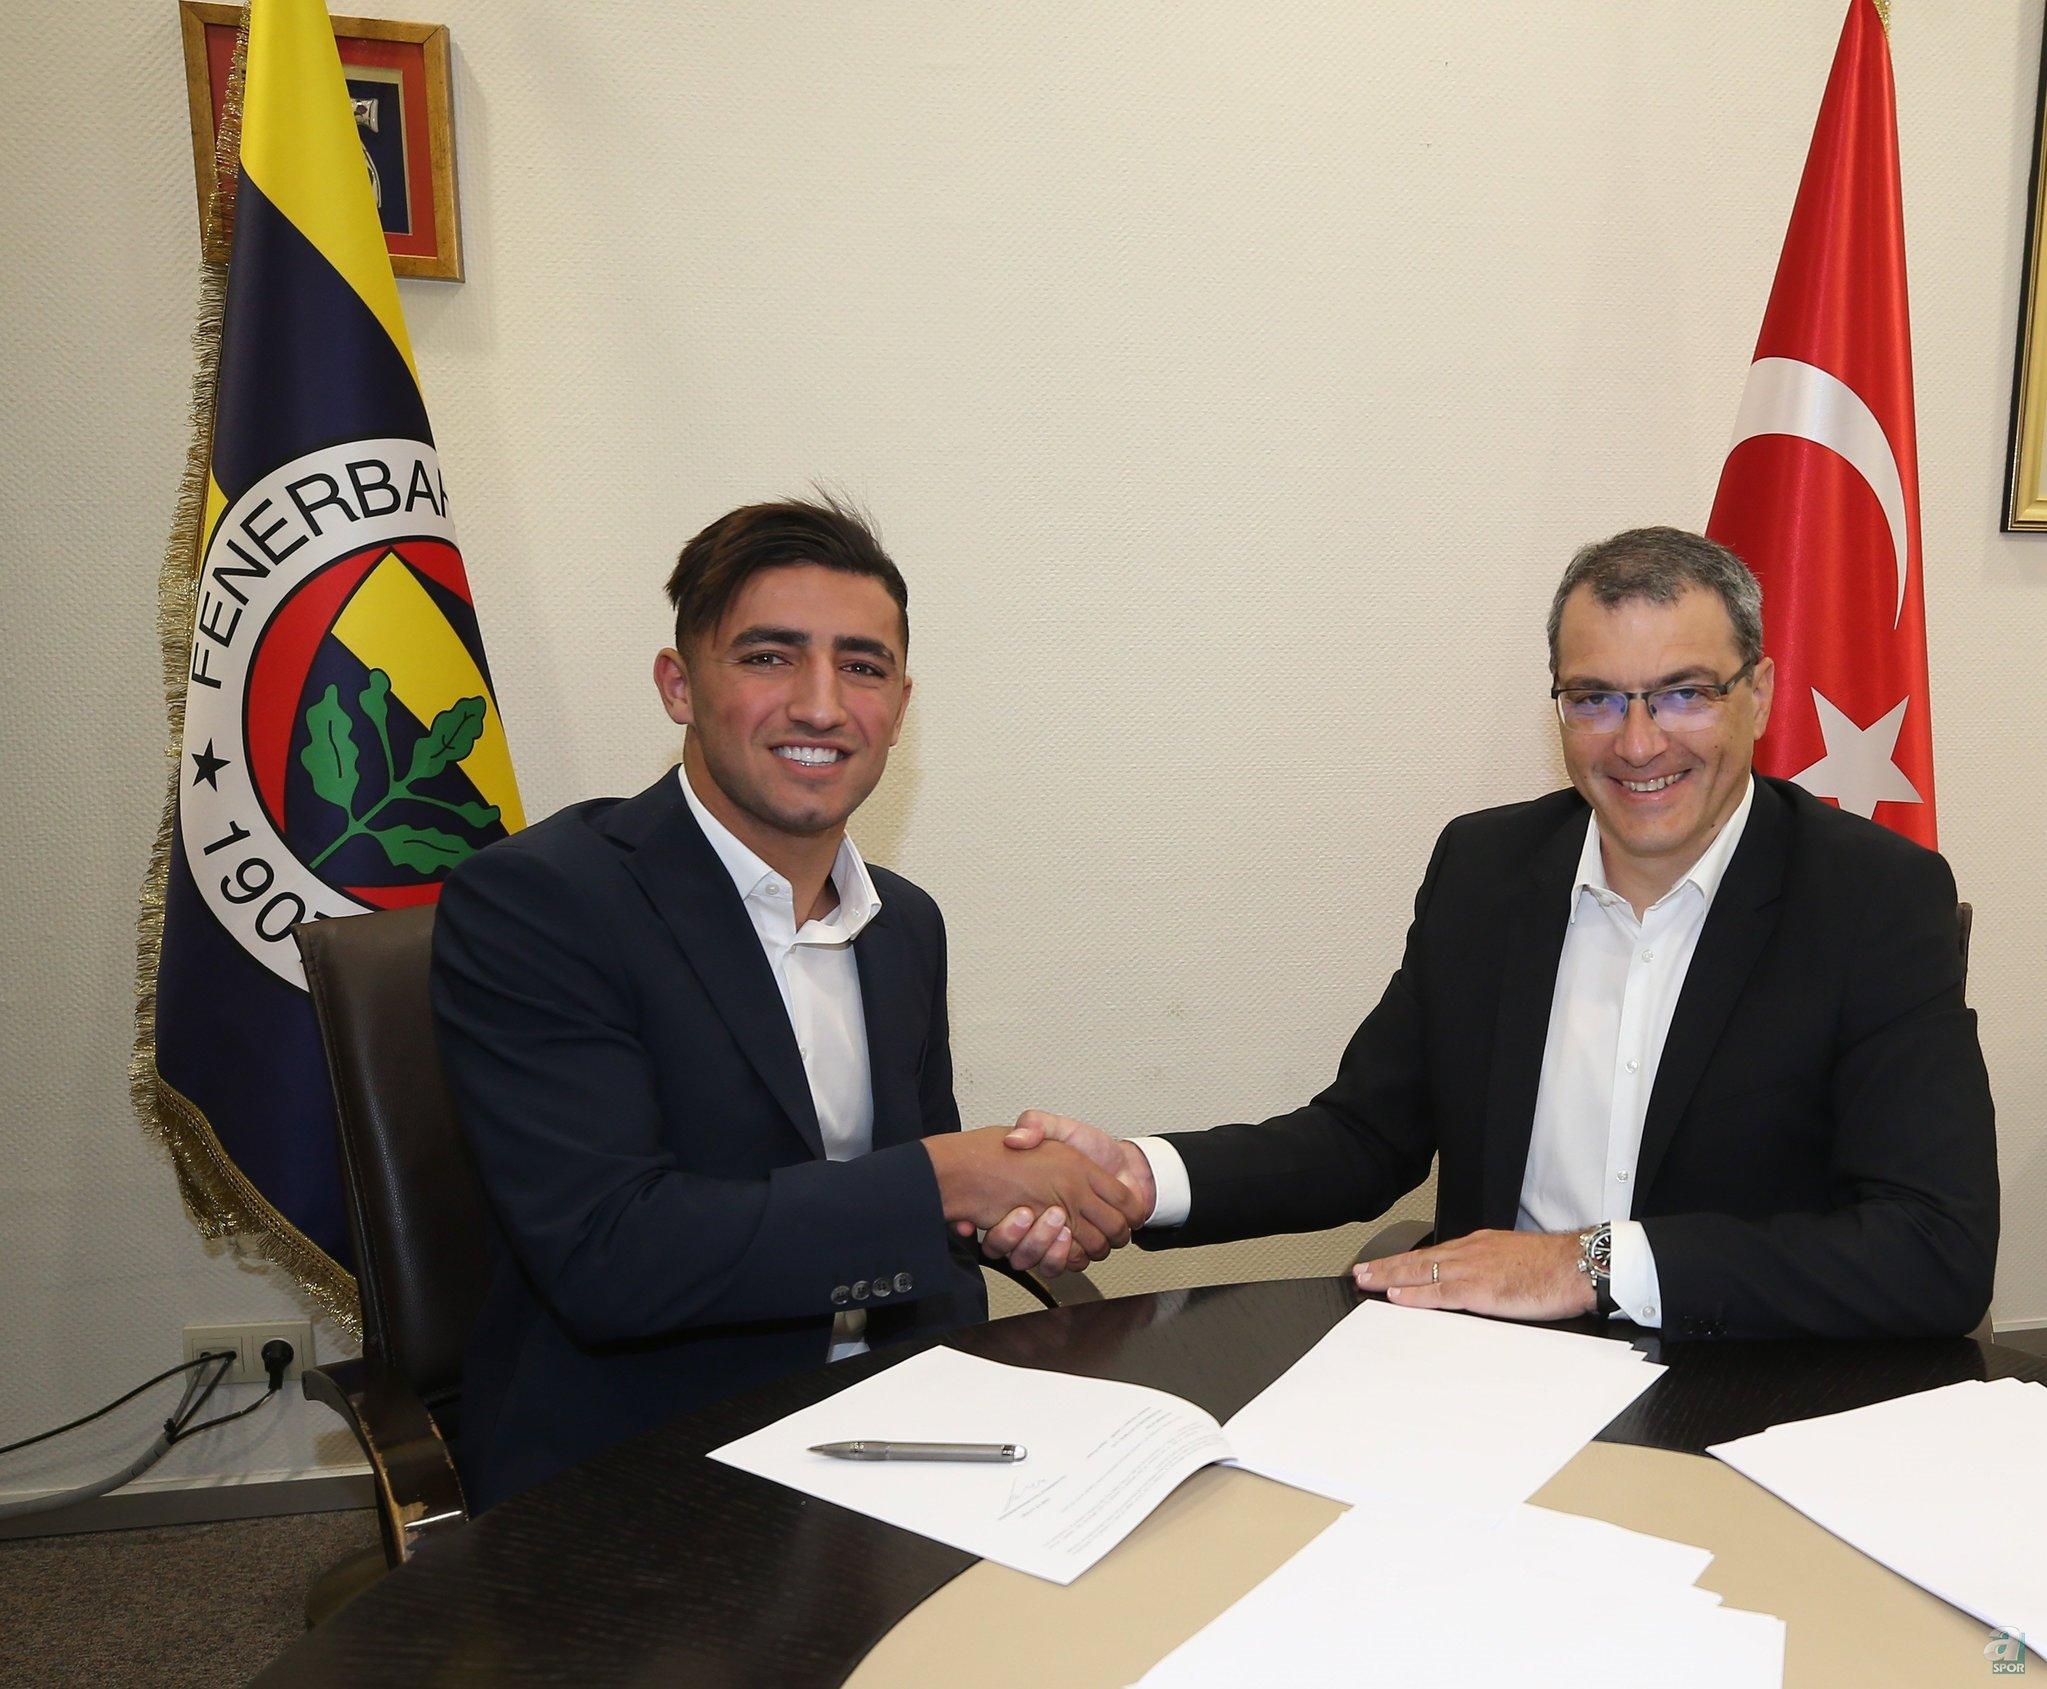 750 bin euro bedelle sarı-lacivertli ekibe transfer olan yıldız isim, daha sonra İstanbulspor'dan ayrılarak Zorya'ya kiralandı. Allahyar, Ukrayna'da oldukça başarılı günler geçiriyor.